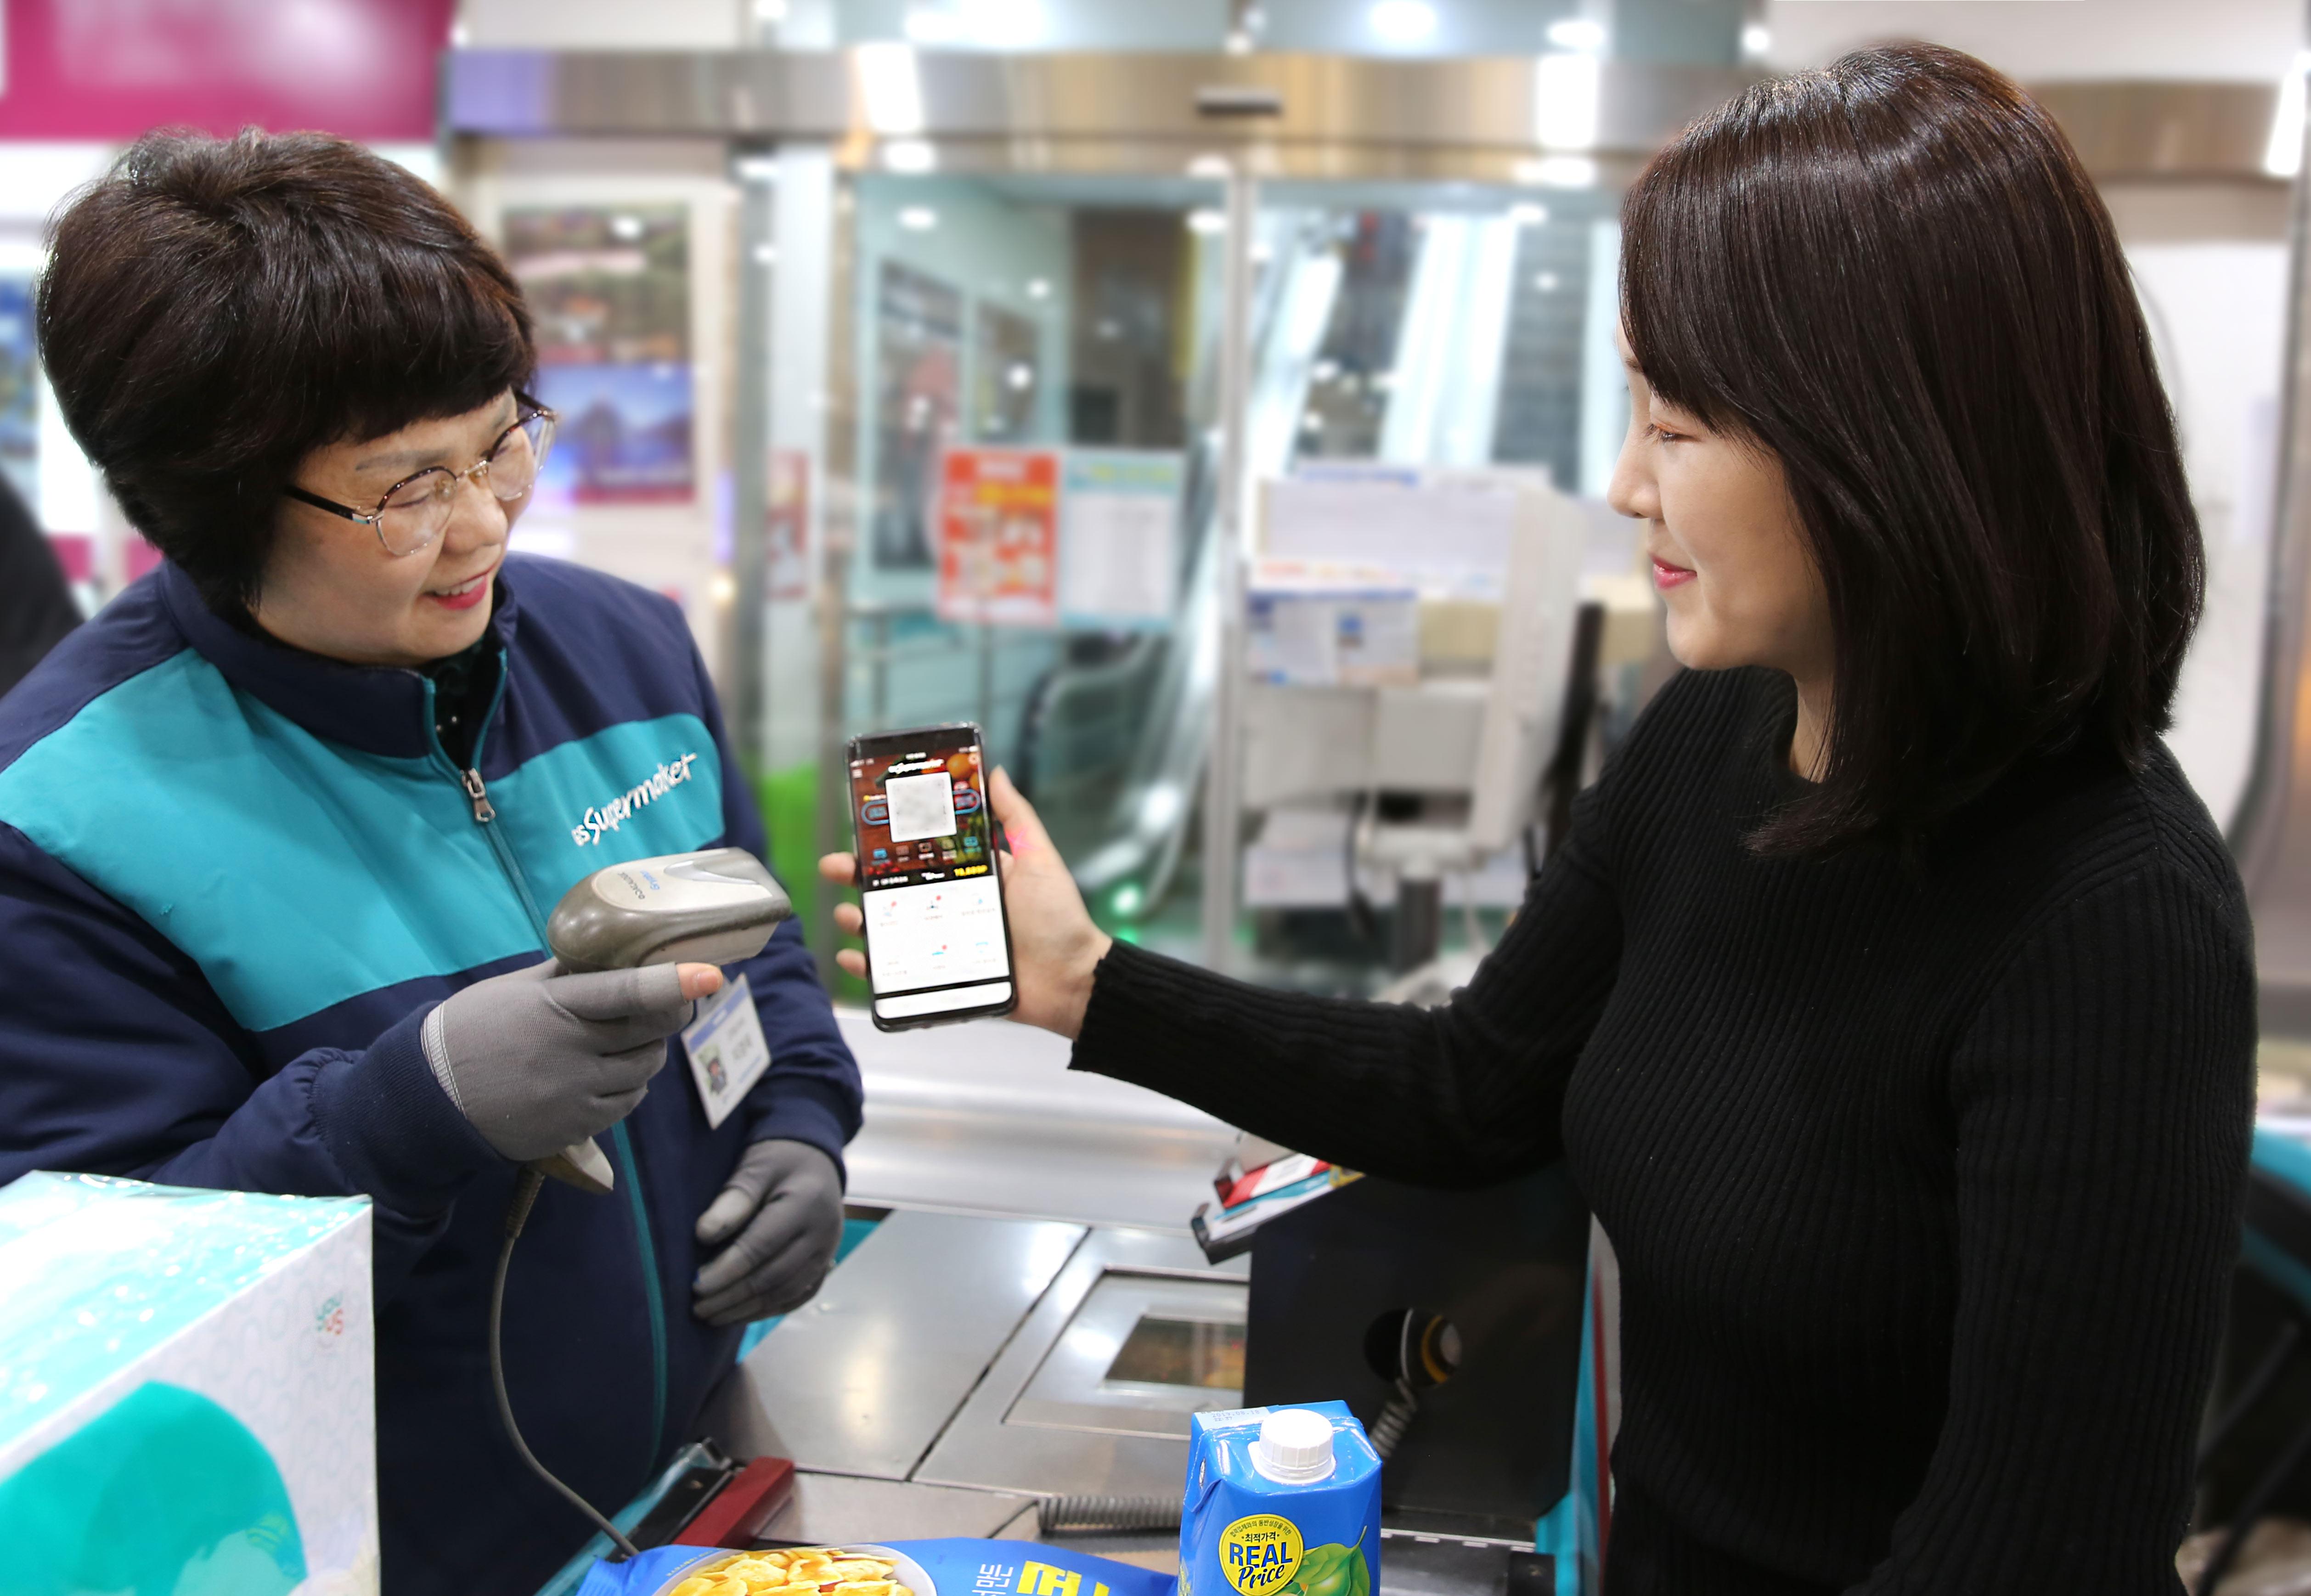 [GS수퍼마켓] 고객 만족과 환경 보호 두마리 토끼를 잡은 GS수퍼마켓 앱!